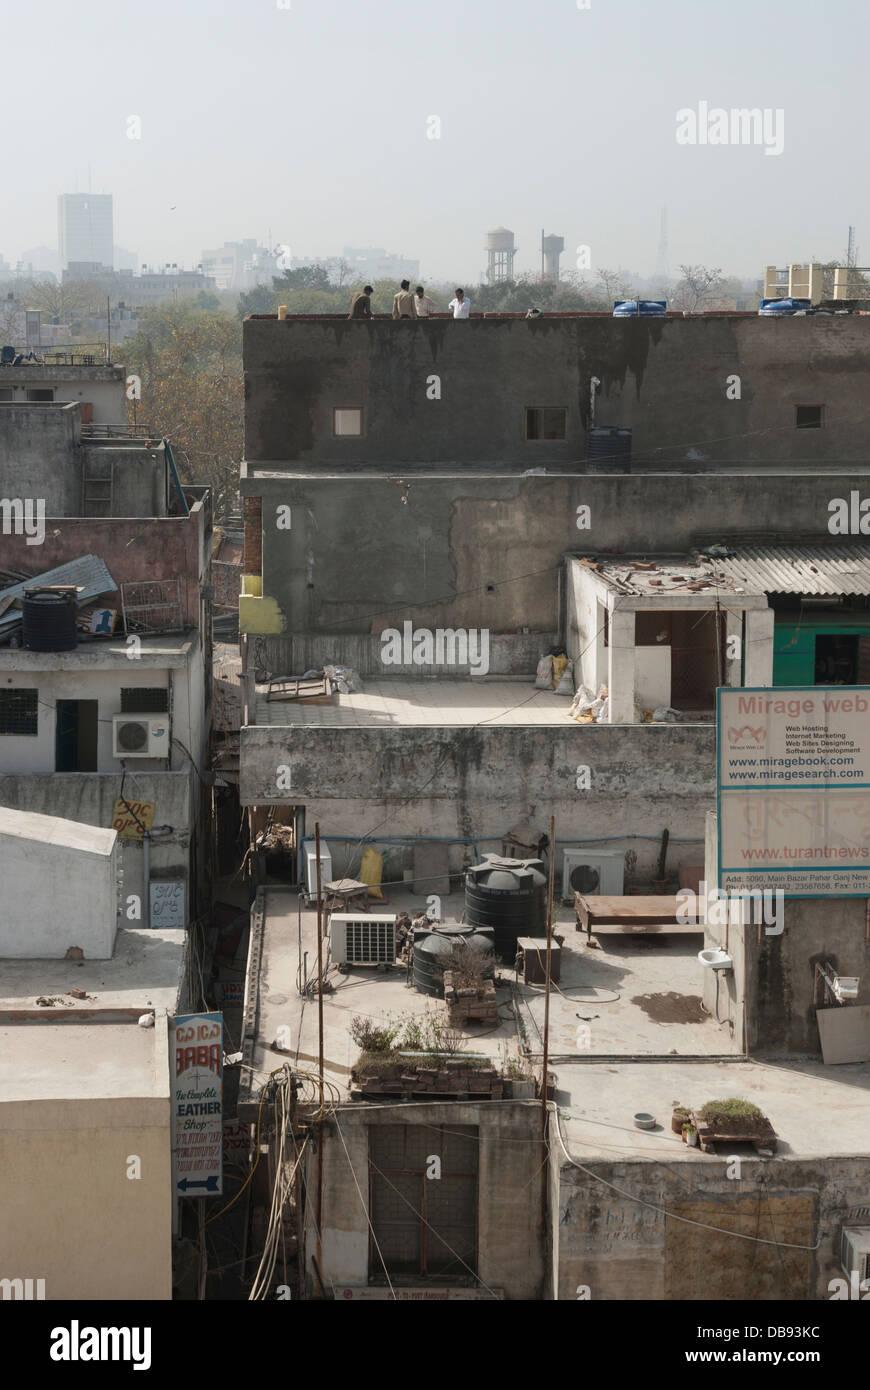 Paharganj, Delhi, India. 23 de marzo de 2012. Delhi skyline residente mirando por encima de los tejados. Imagen De Stock